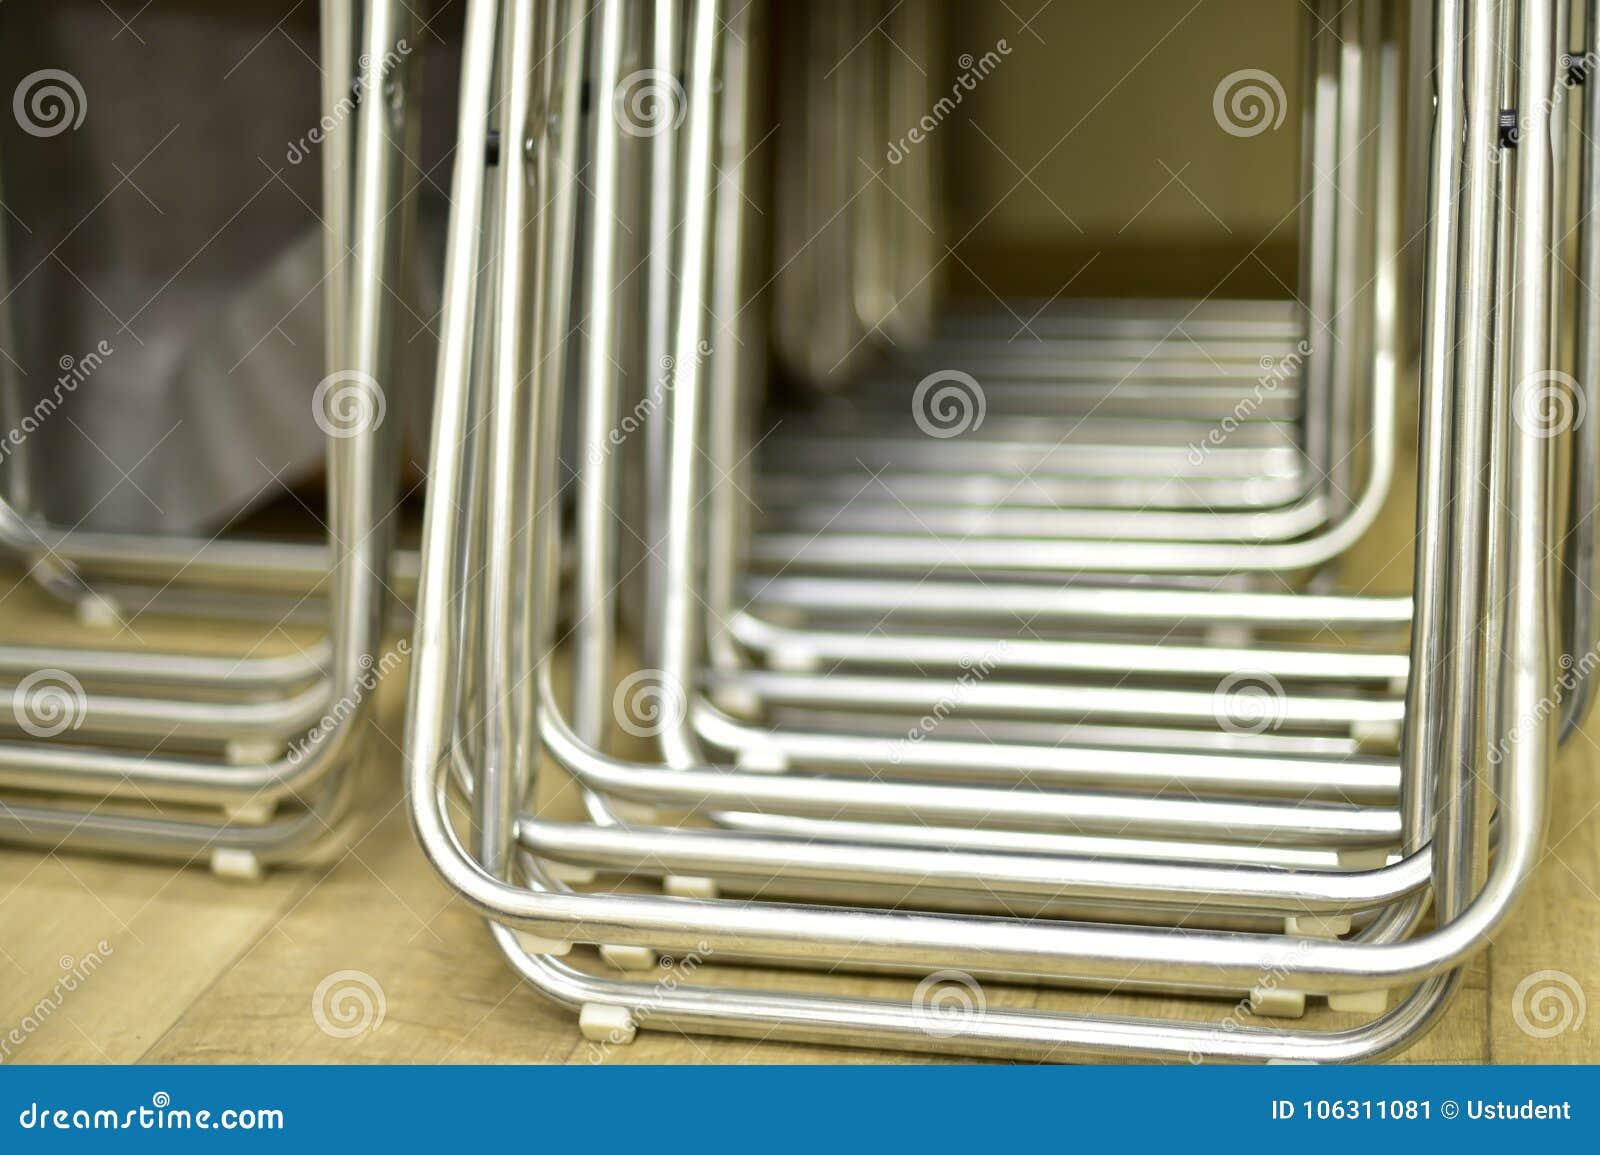 Los Fila Del Apilados Metal En Sillas Plegables De Tubos Hechas dWQrCxoeB